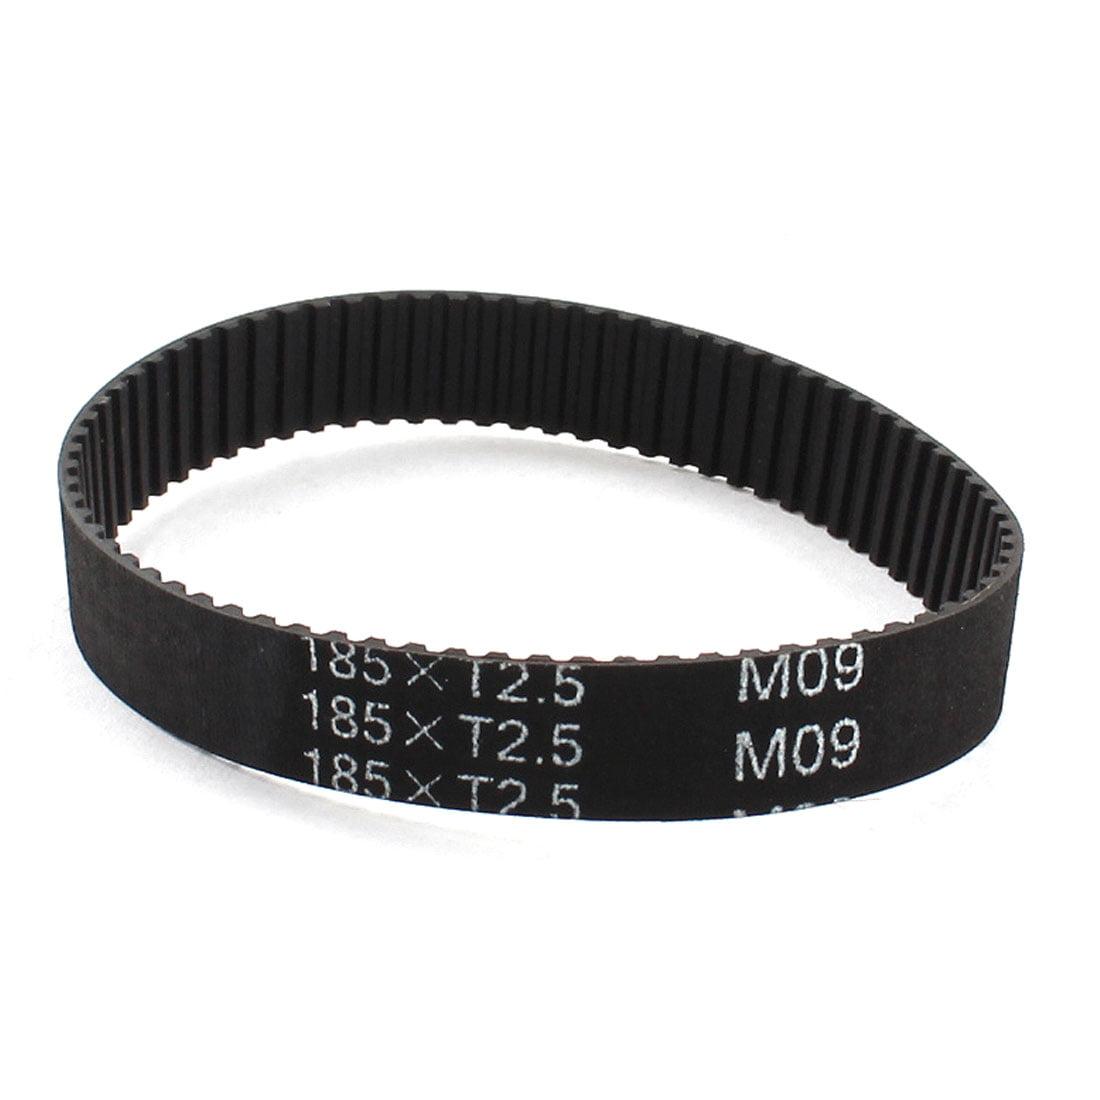 T2.5 x 185 74-tooth 2.5 mm à 10 mm Largeur Groove Imprimante 3D Courroie de distribution - image 1 de 1